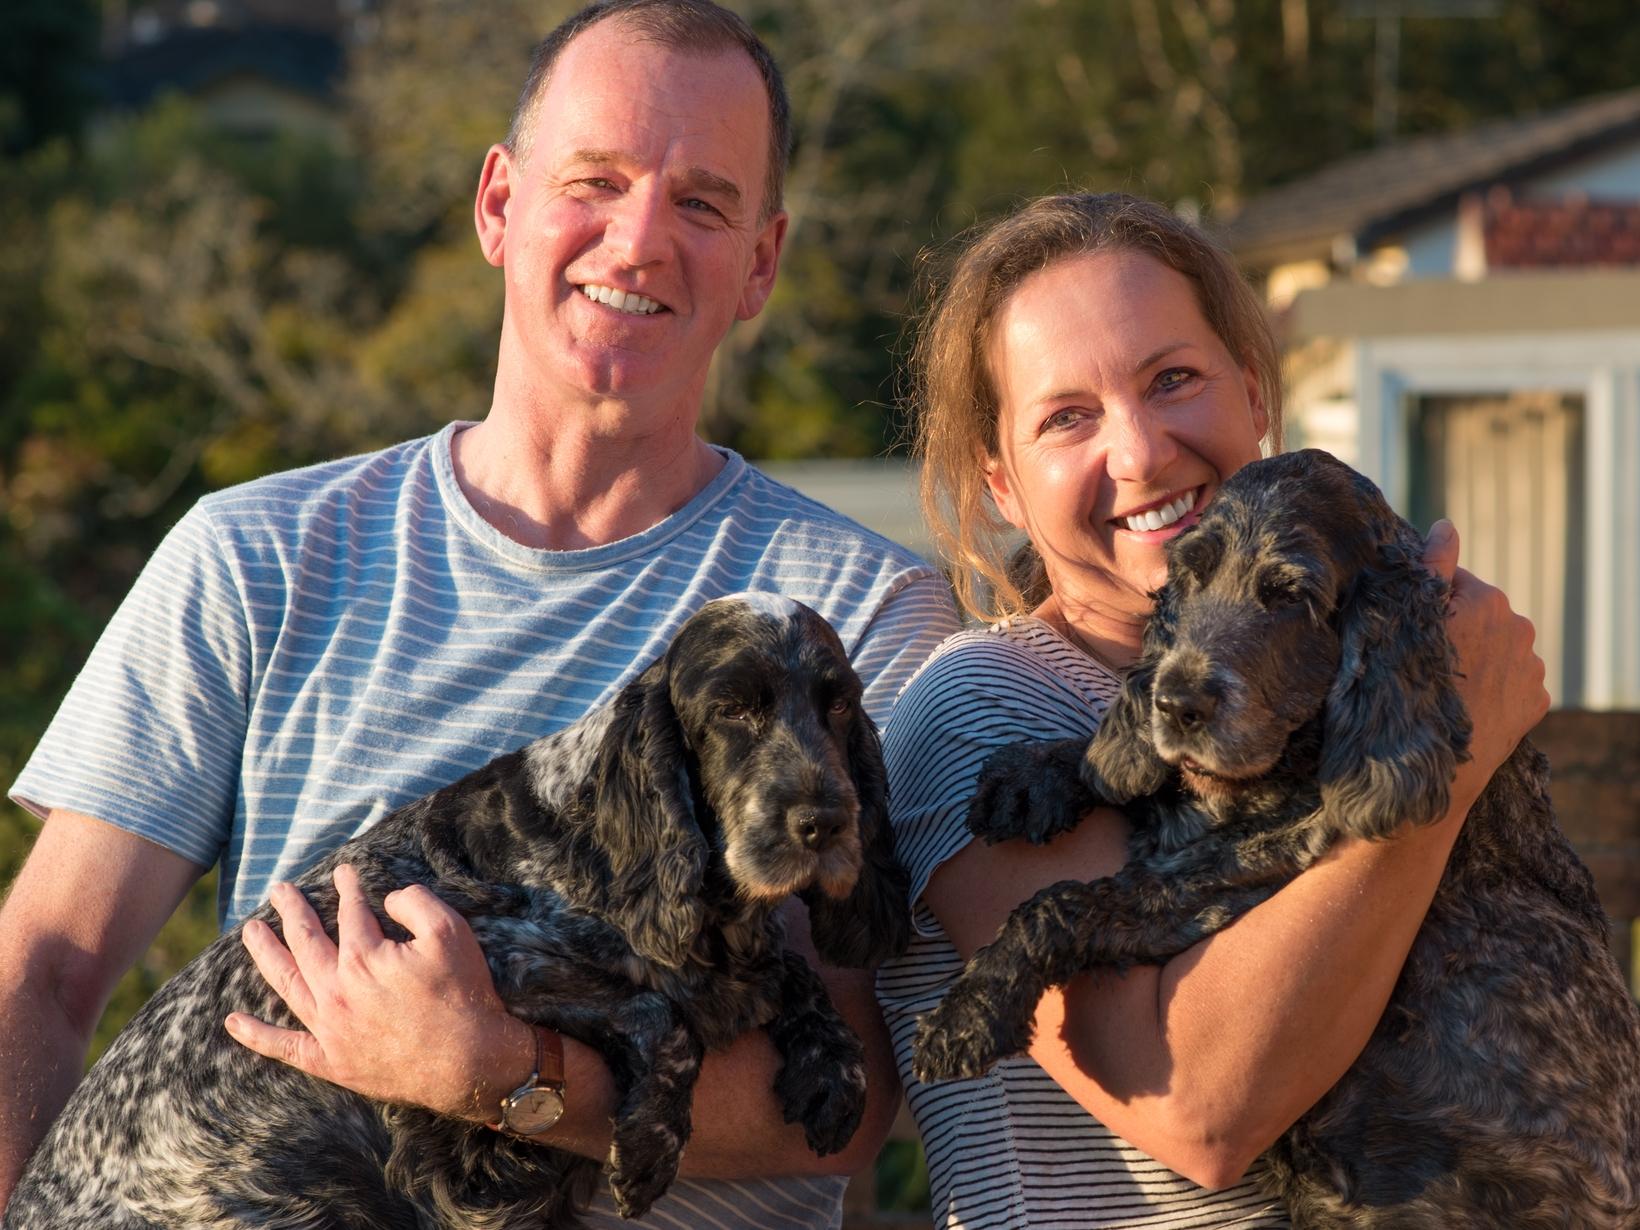 Kay & David from Sydney, New South Wales, Australia